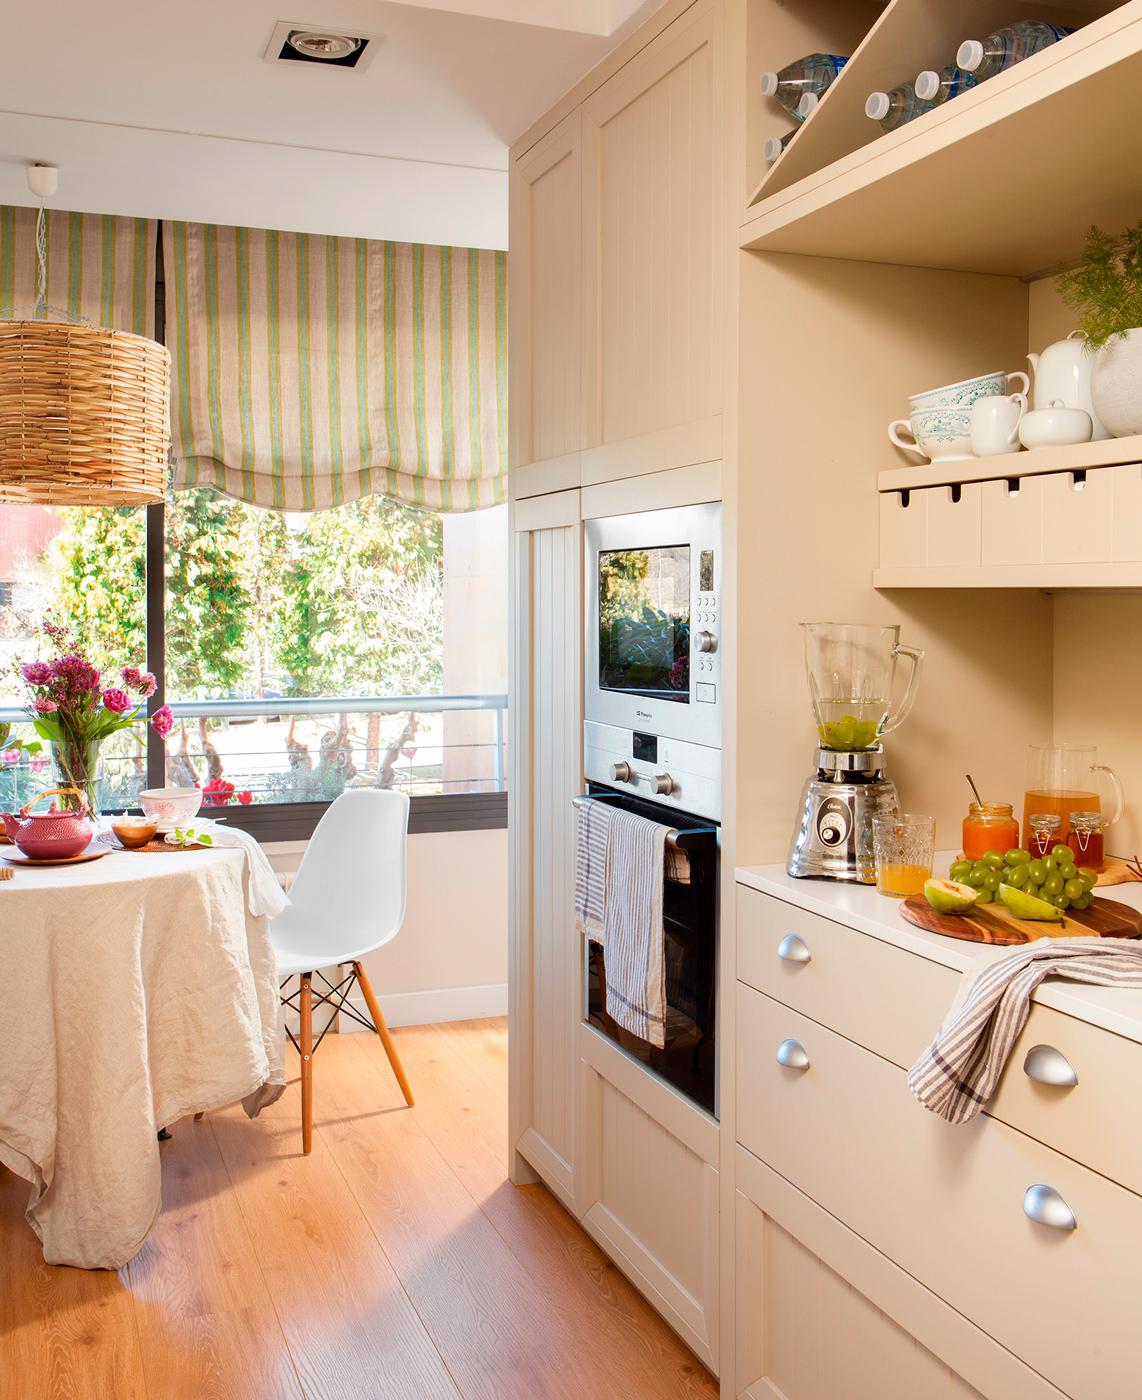 Una cocina peque a con mucho orden y un office - Mueble botellero cocina ...